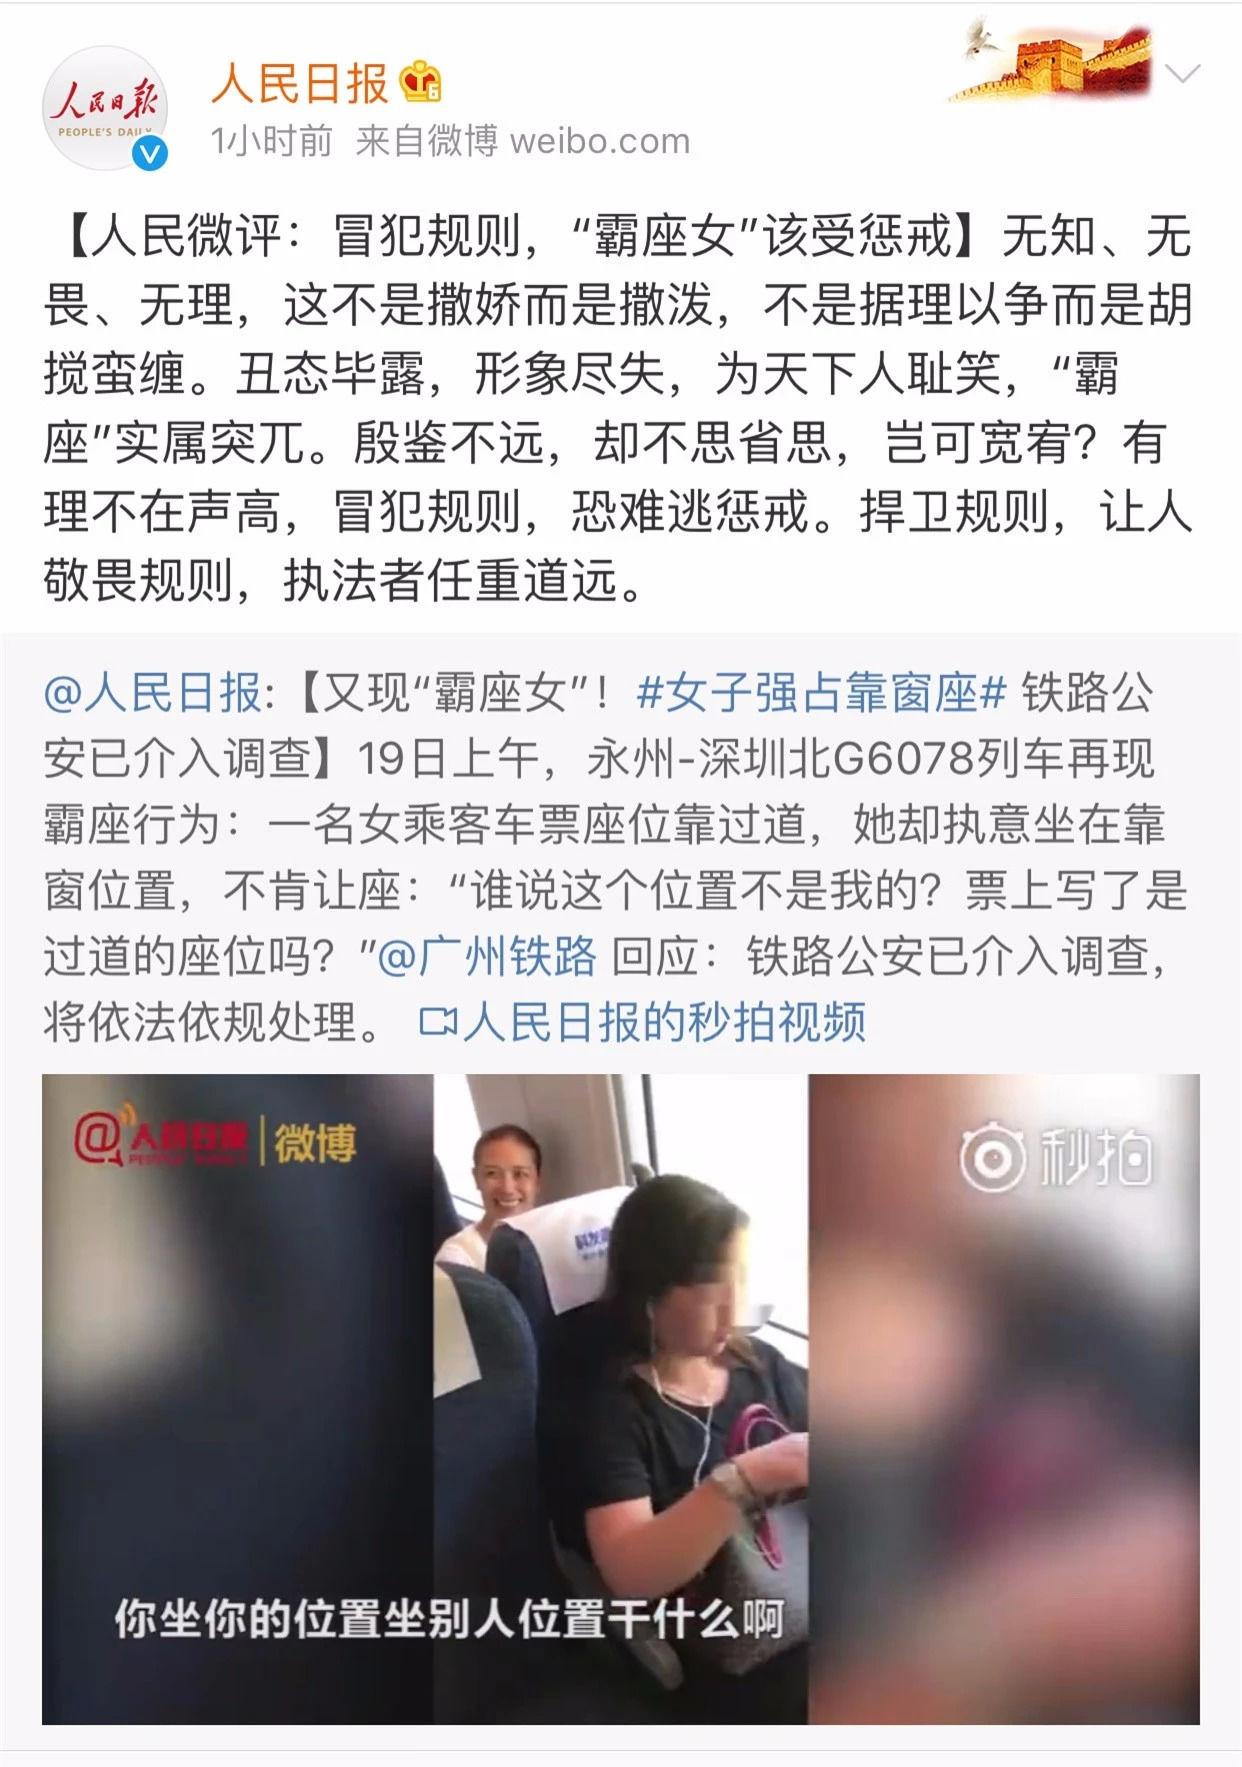 """高鐵再現""""霸座女"""" 鐵路公安已經介入調查"""